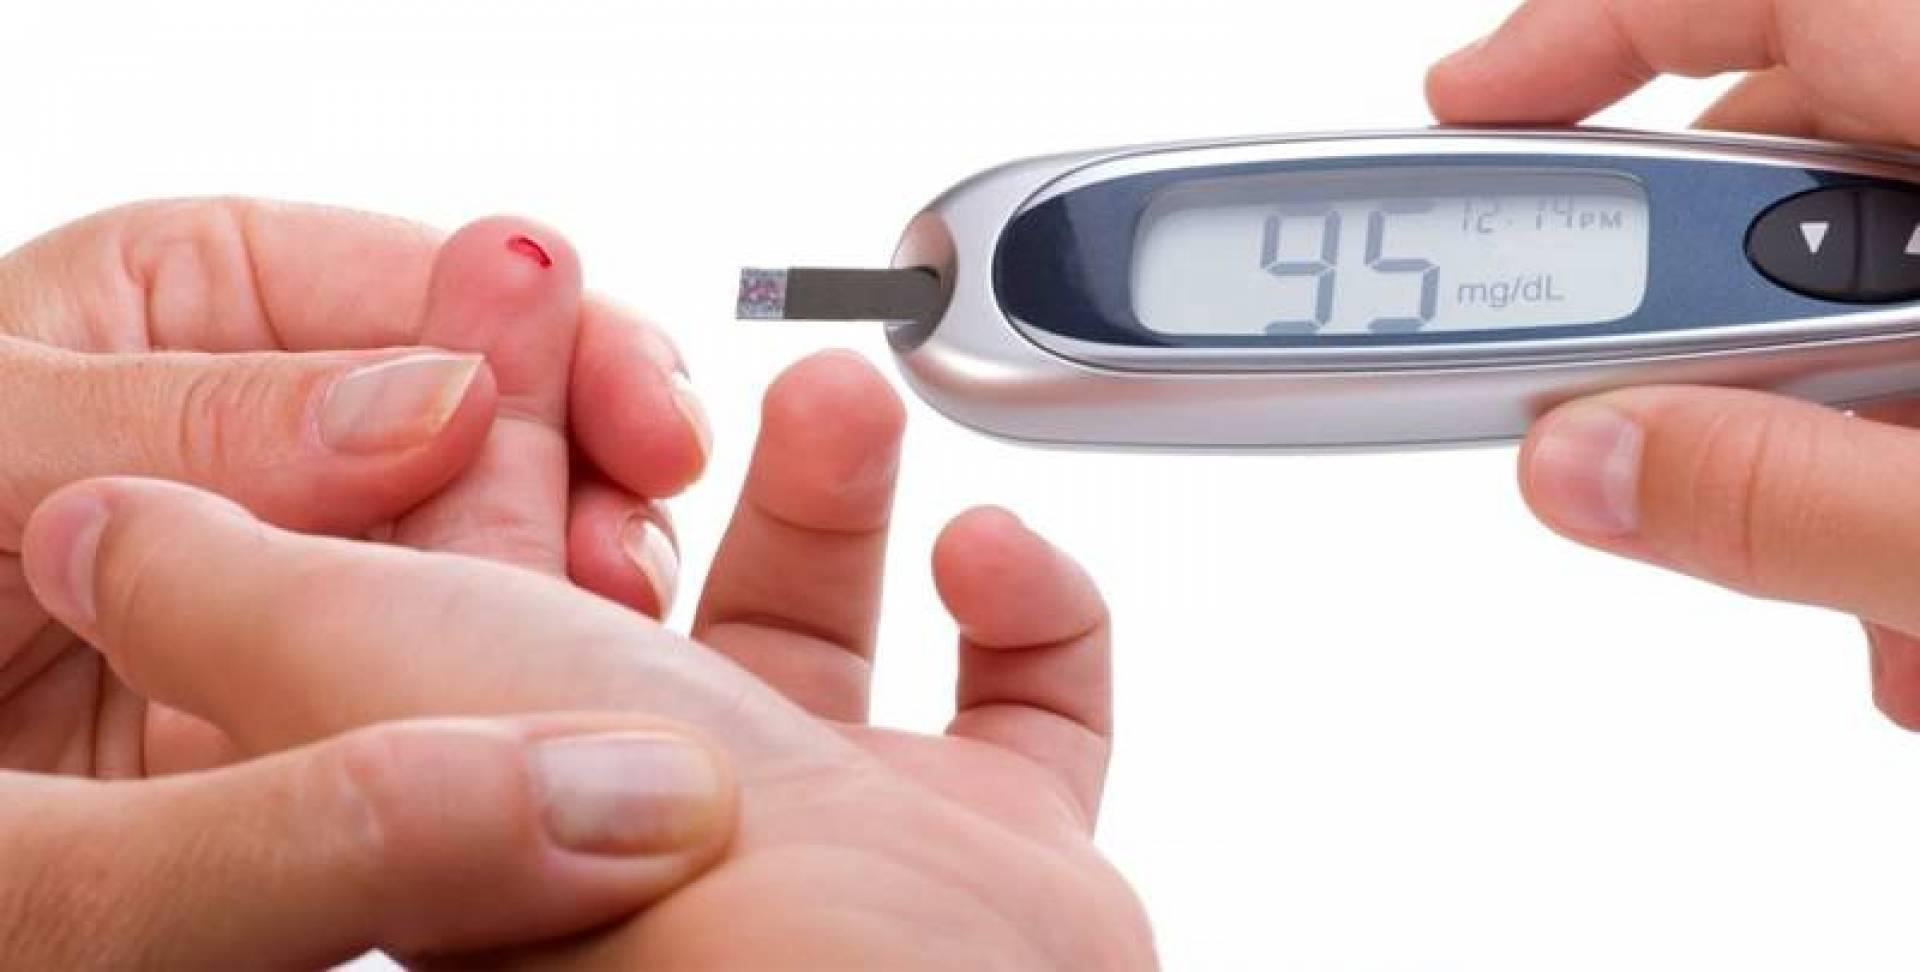 جهاز جديد يقيس السكر.. عبر دقات القلب